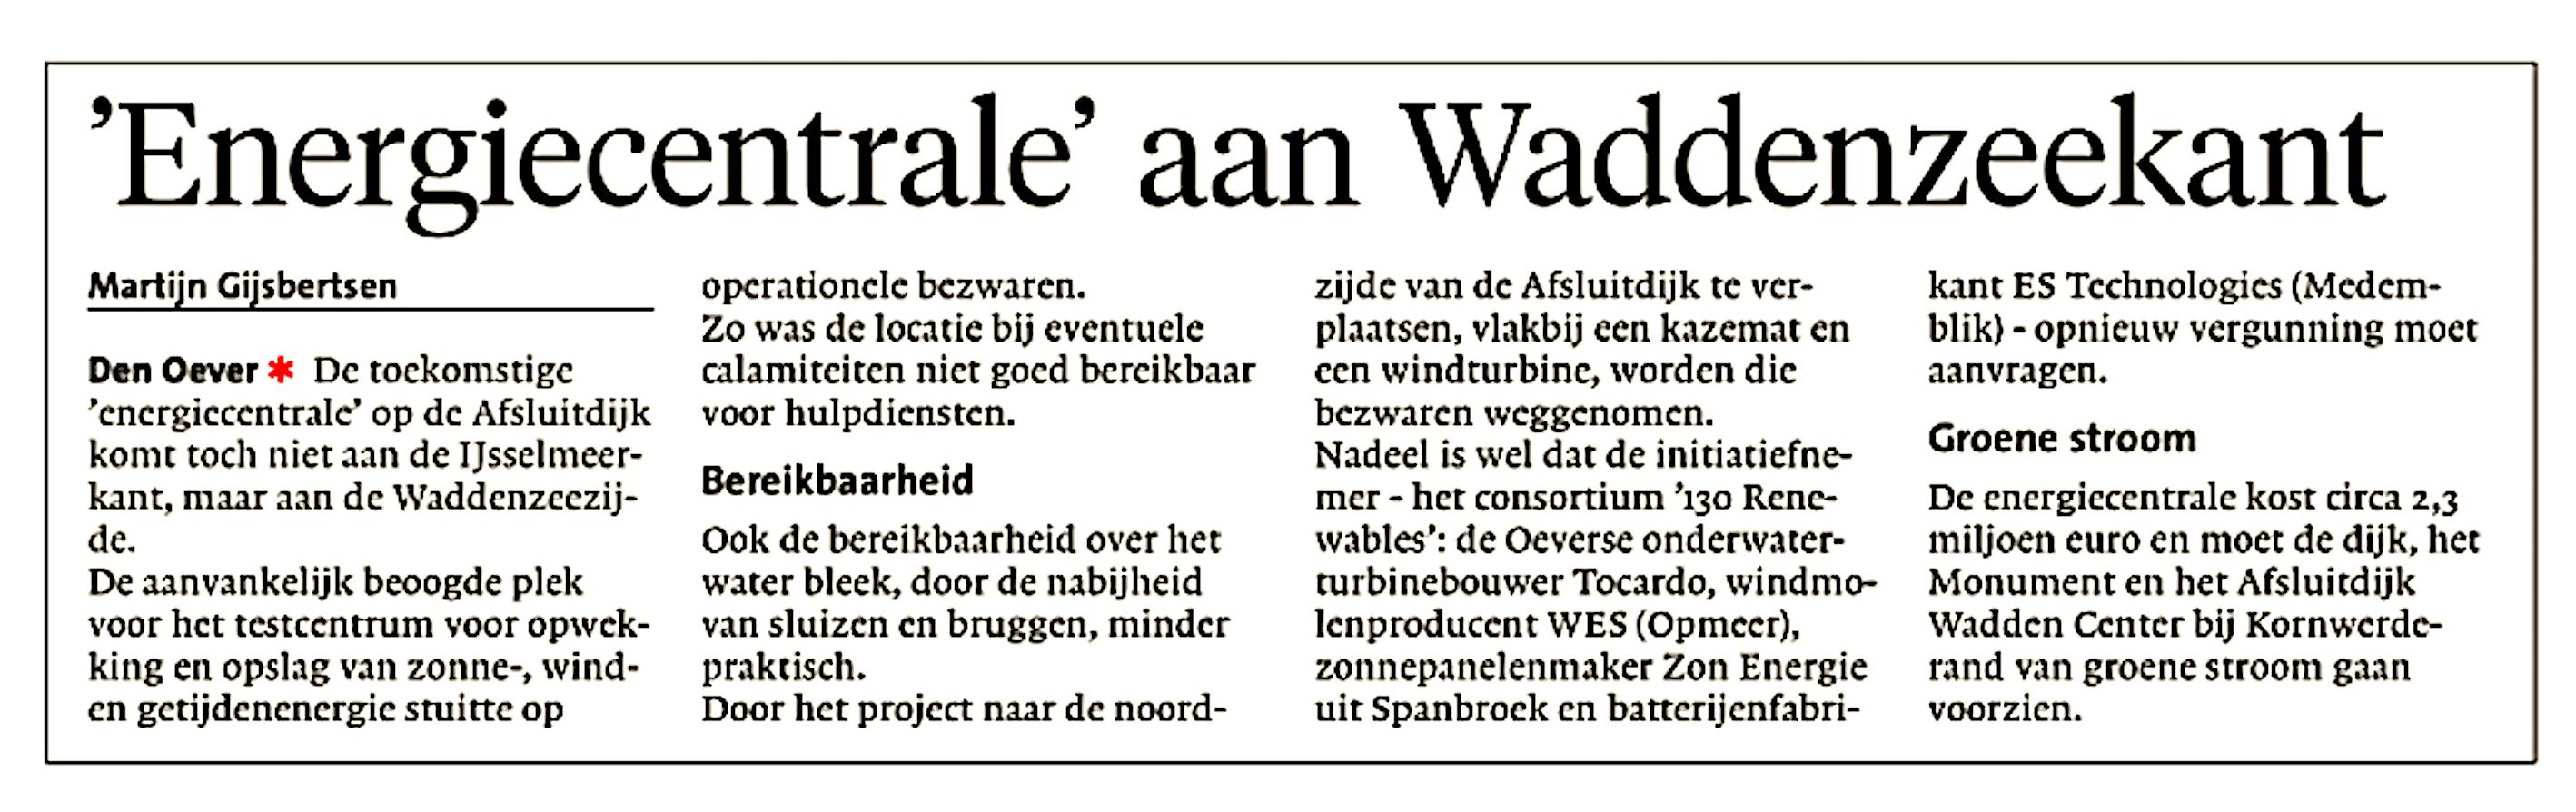 Helderse Courant, 10 september 2018